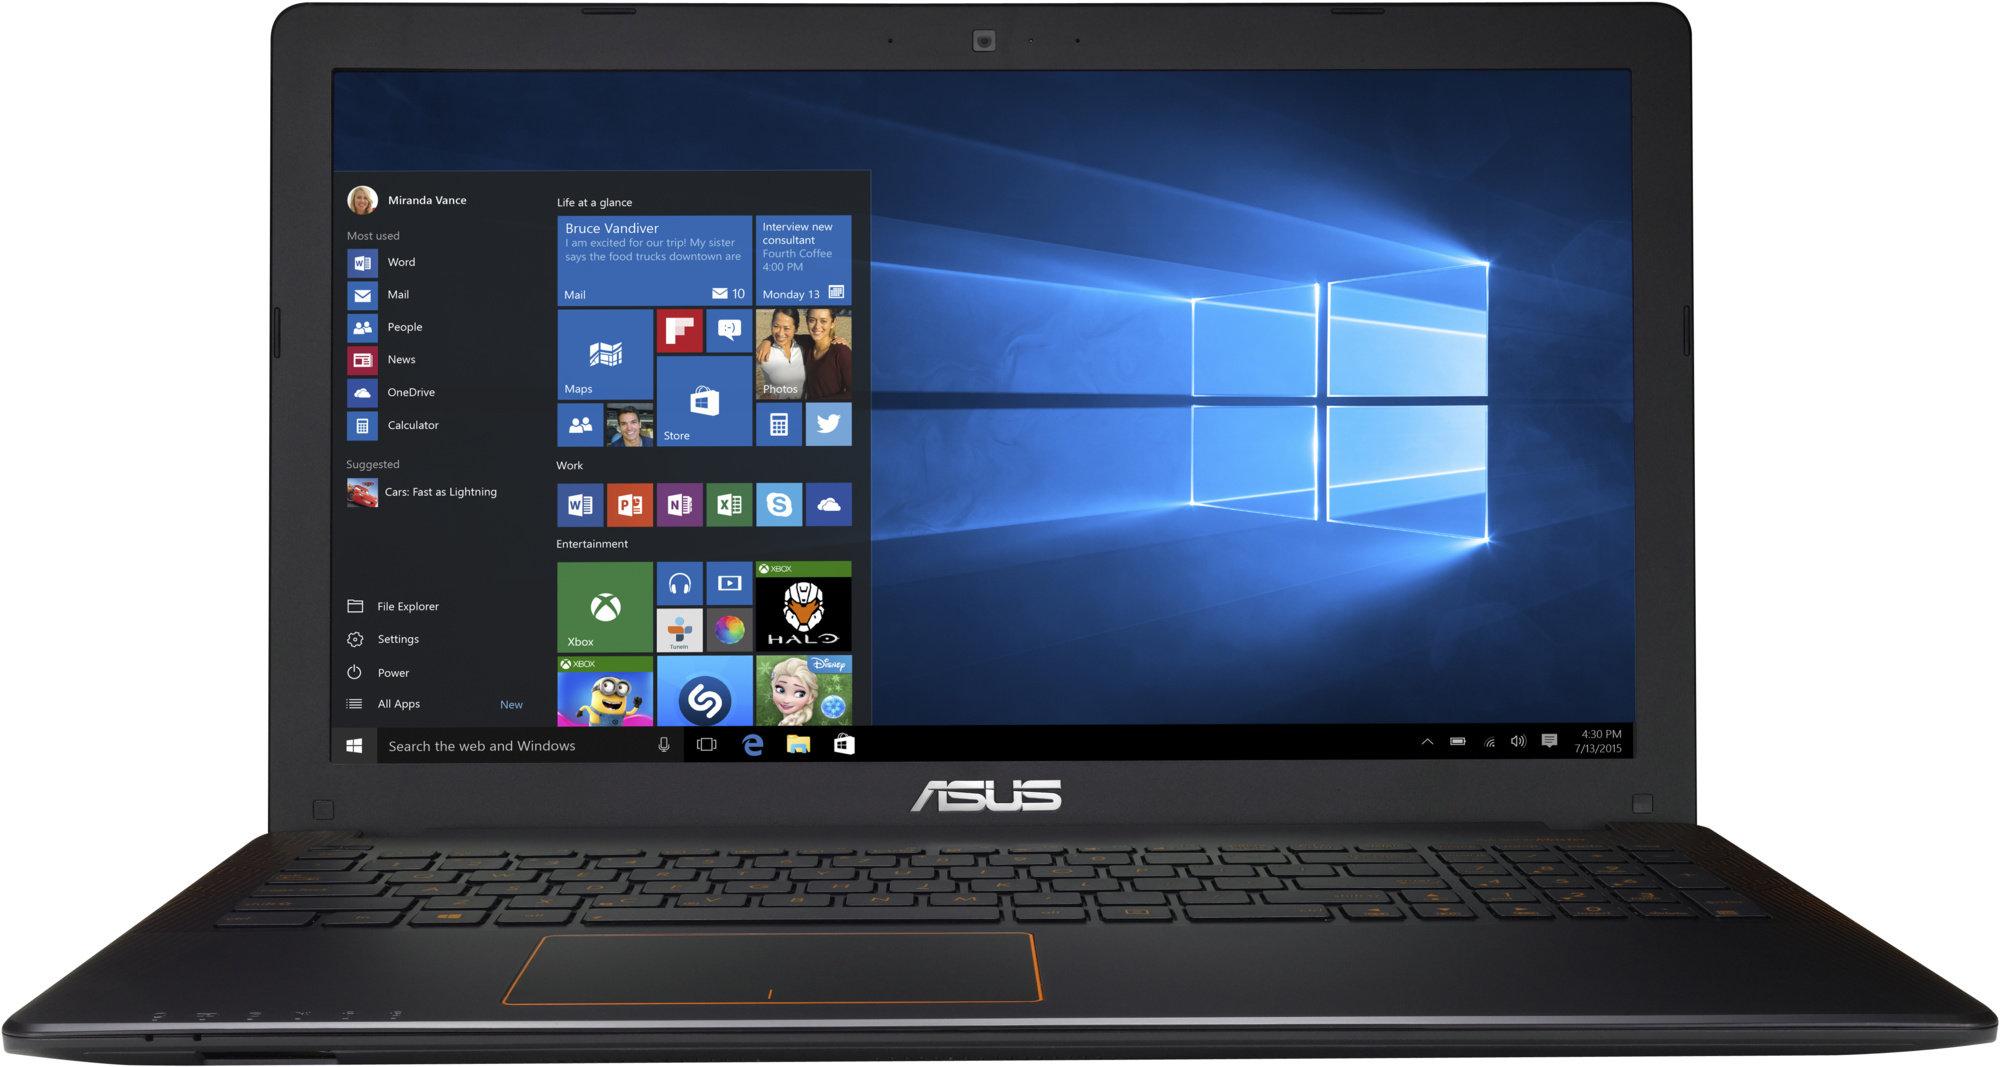 """ASUS F550VX-DM588T i5-7300HQ/8GB/1TB 7200 ot./DVDRW/GeForce GTX 950M/15.6"""" FHD LED matný/W10 Home/Black"""